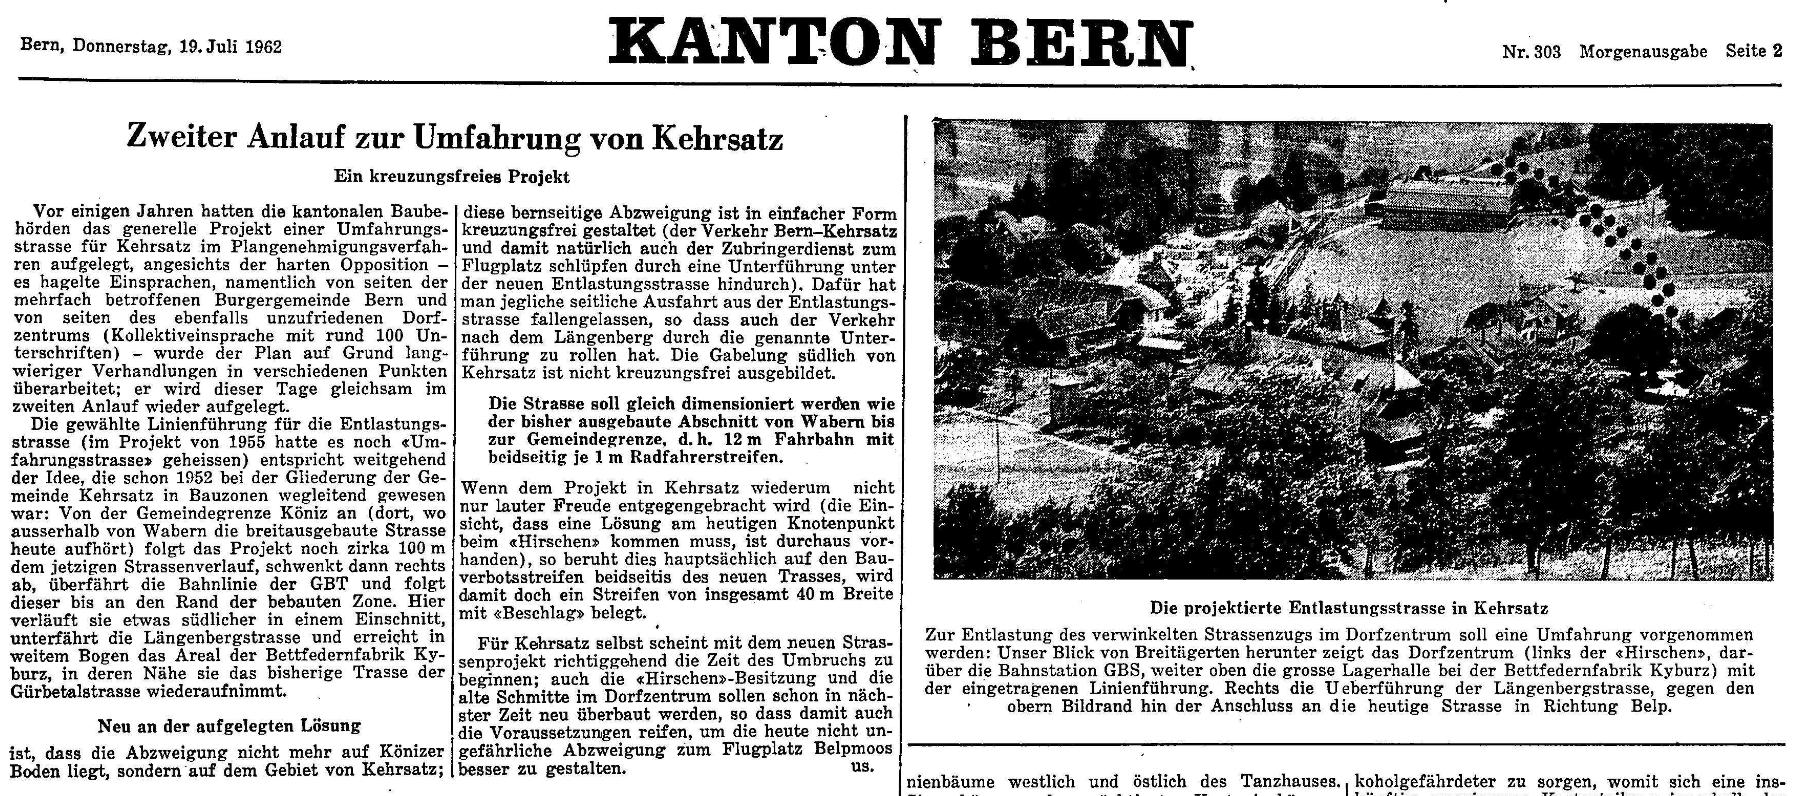 1962.07.19 - Der Bund - Umfahrung Kehrsatz